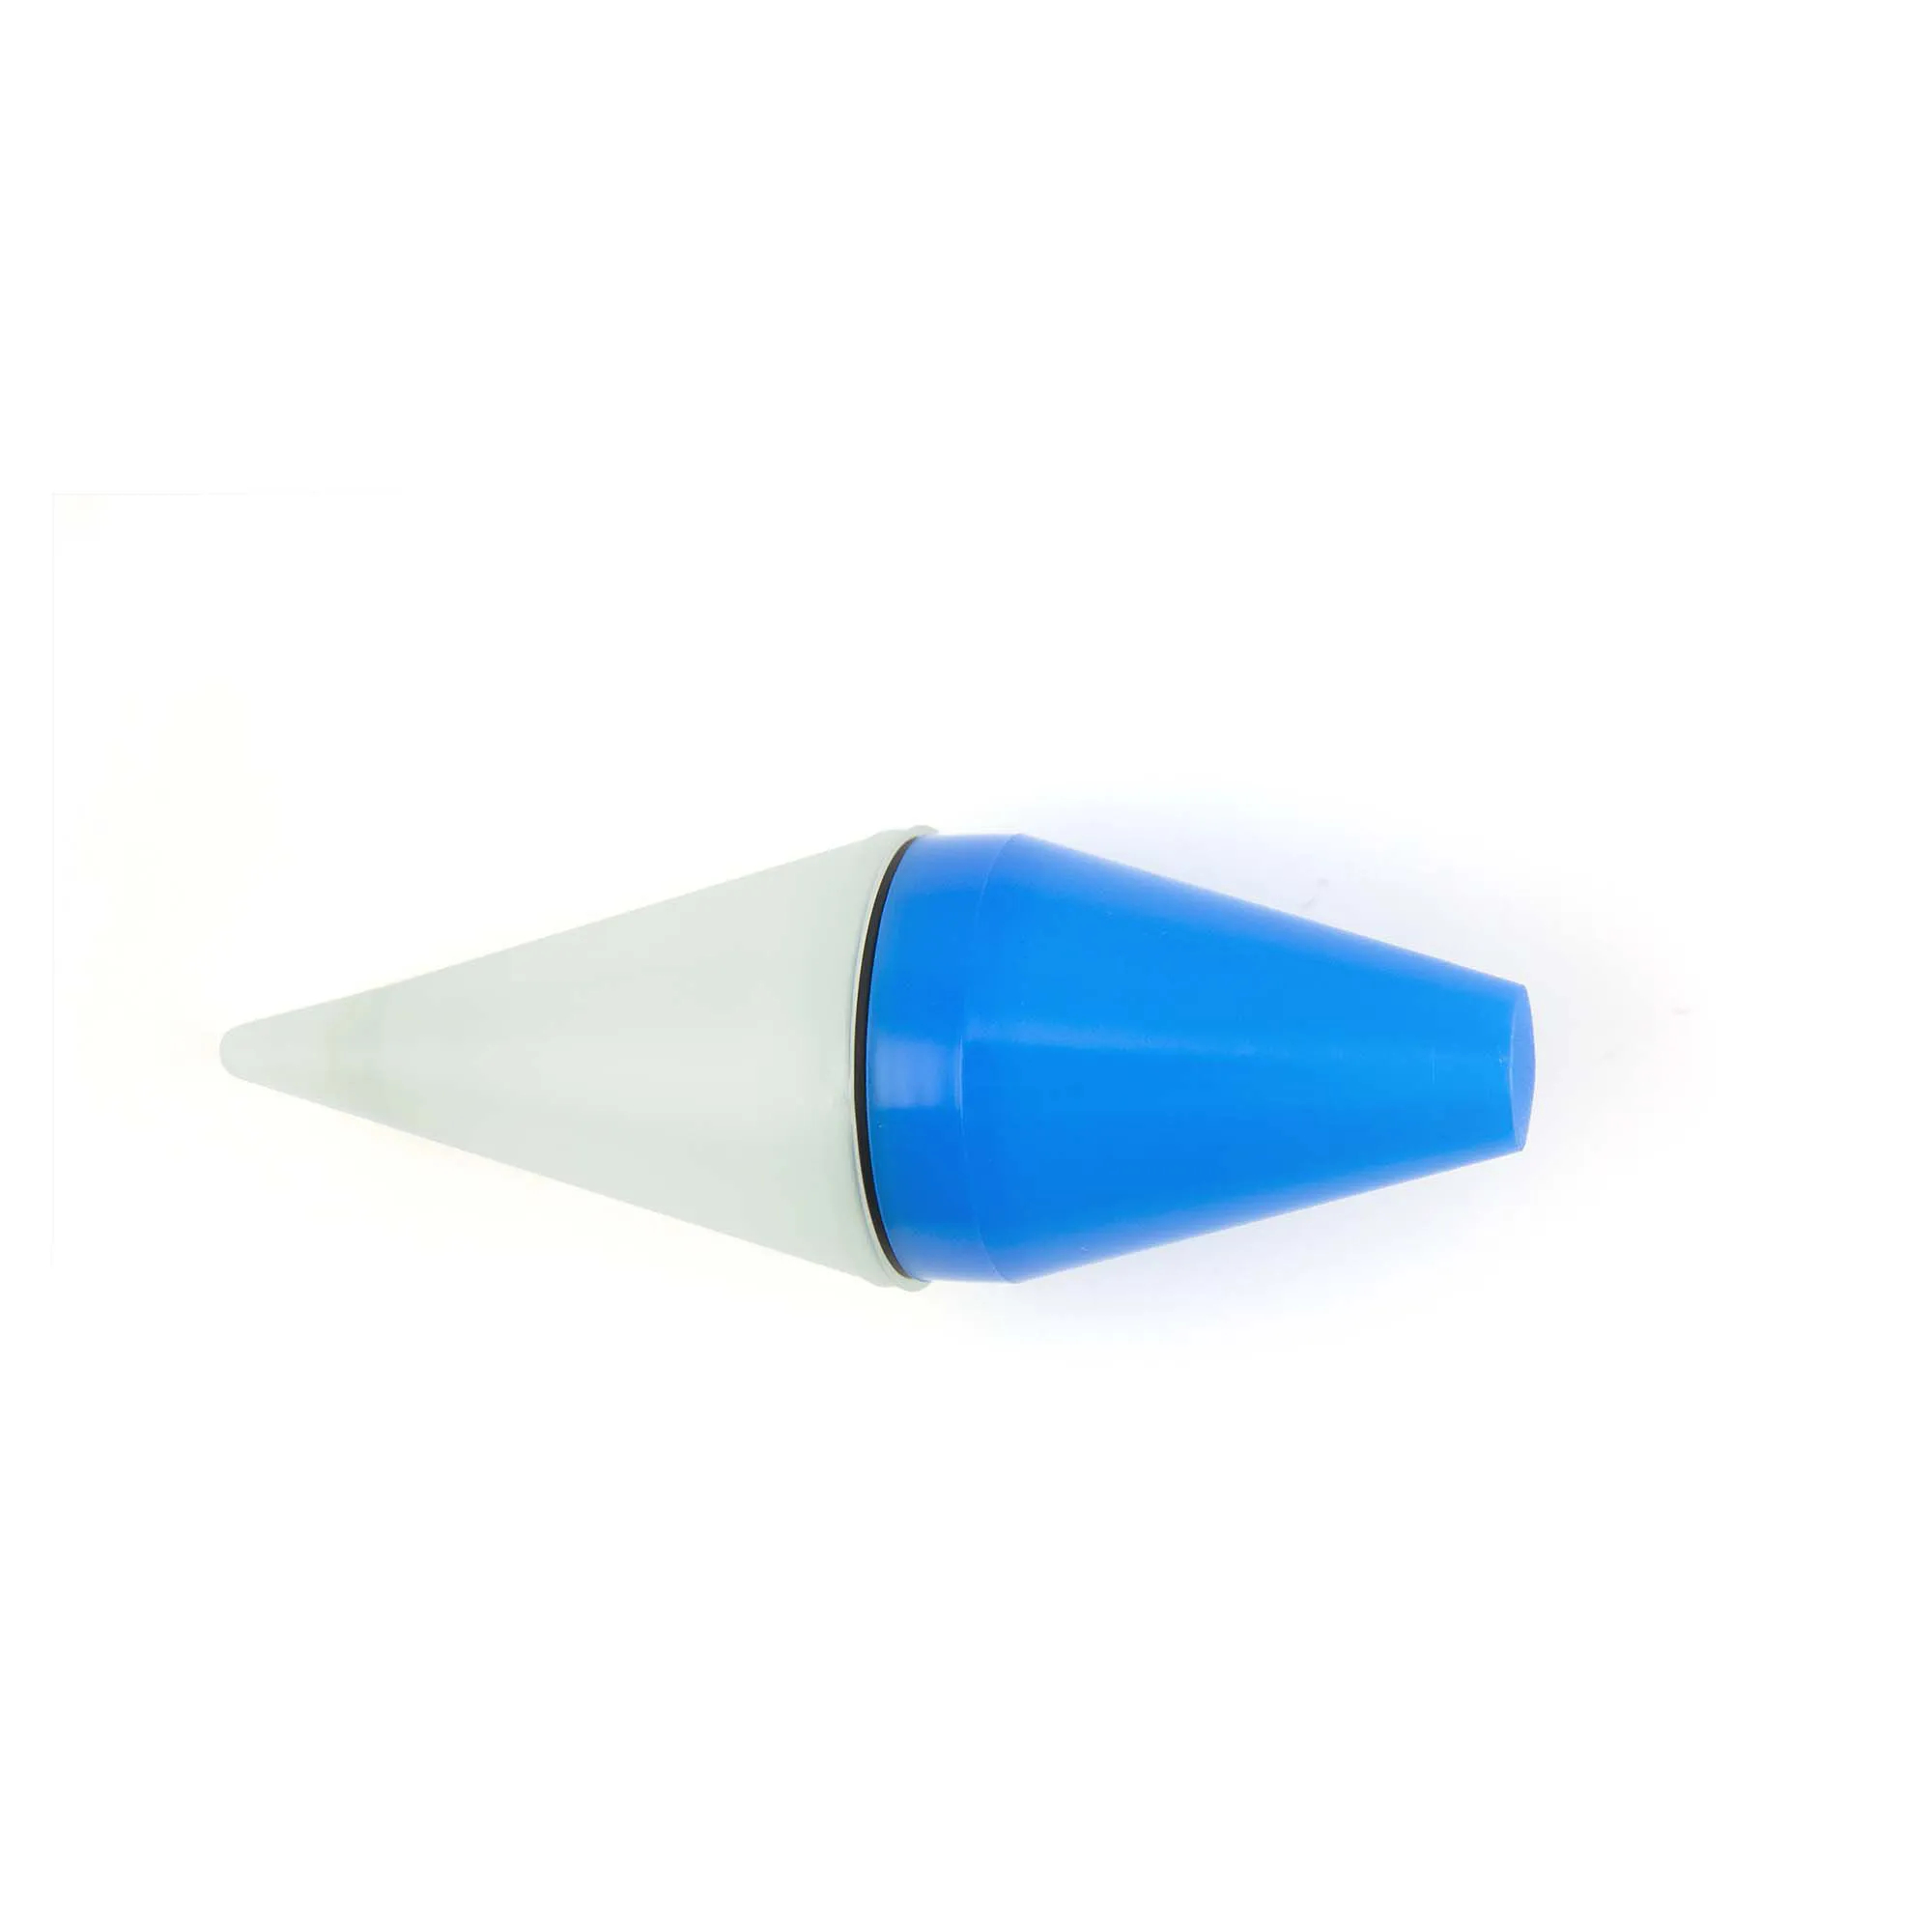 Boia Luminosa Led azul  - Artpesca